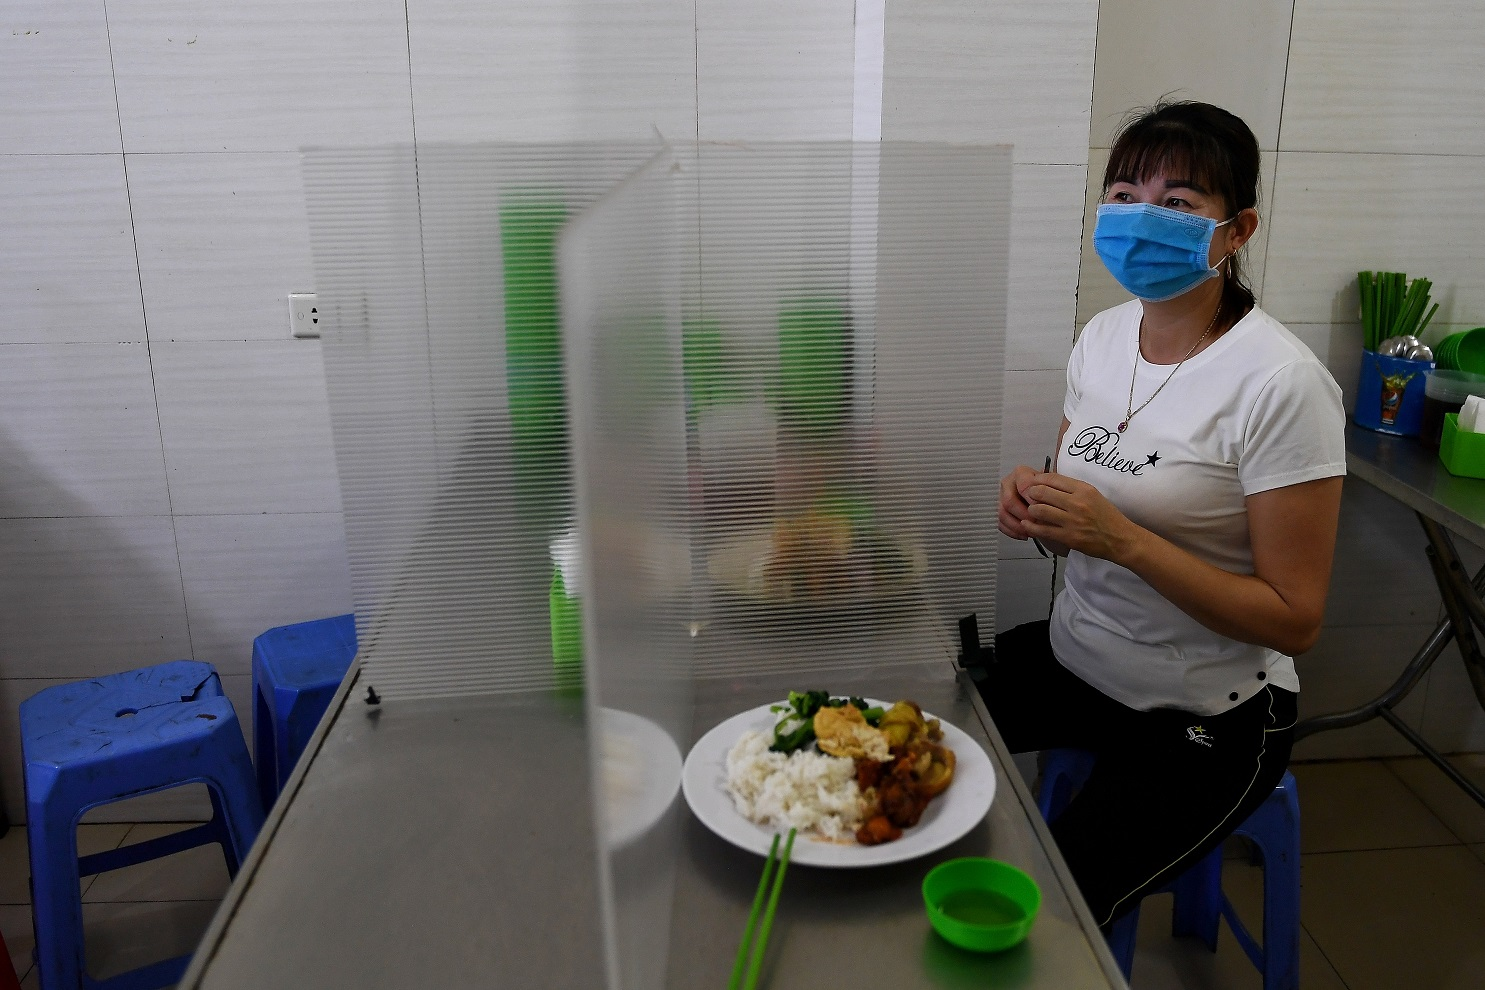 Em Hanoi, no Vietnã, uma divisória de plástico no restaurante serve como mais uma medida de prevenção contra o coronavírus. Foto Nhac Nguyen/AFP